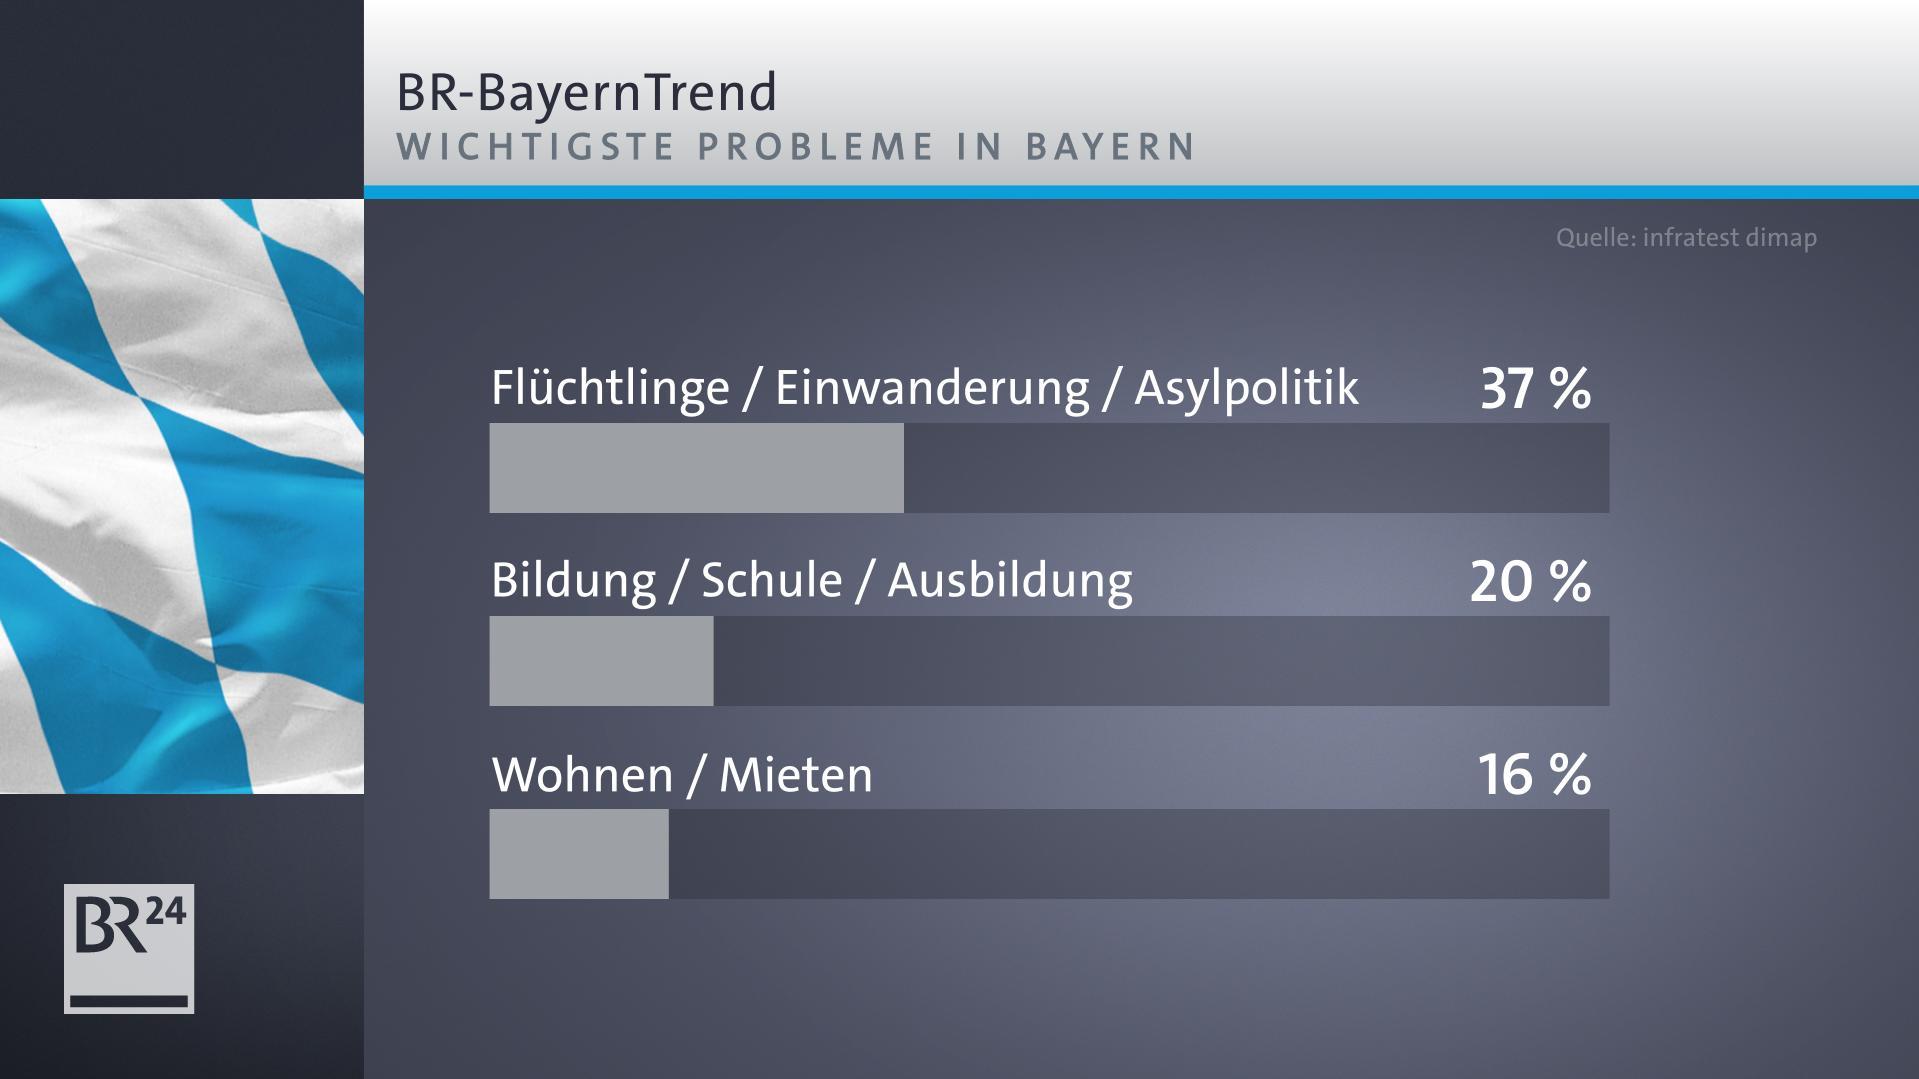 BR-BayernTrend: Die wichtigsten Probleme im Freistaat